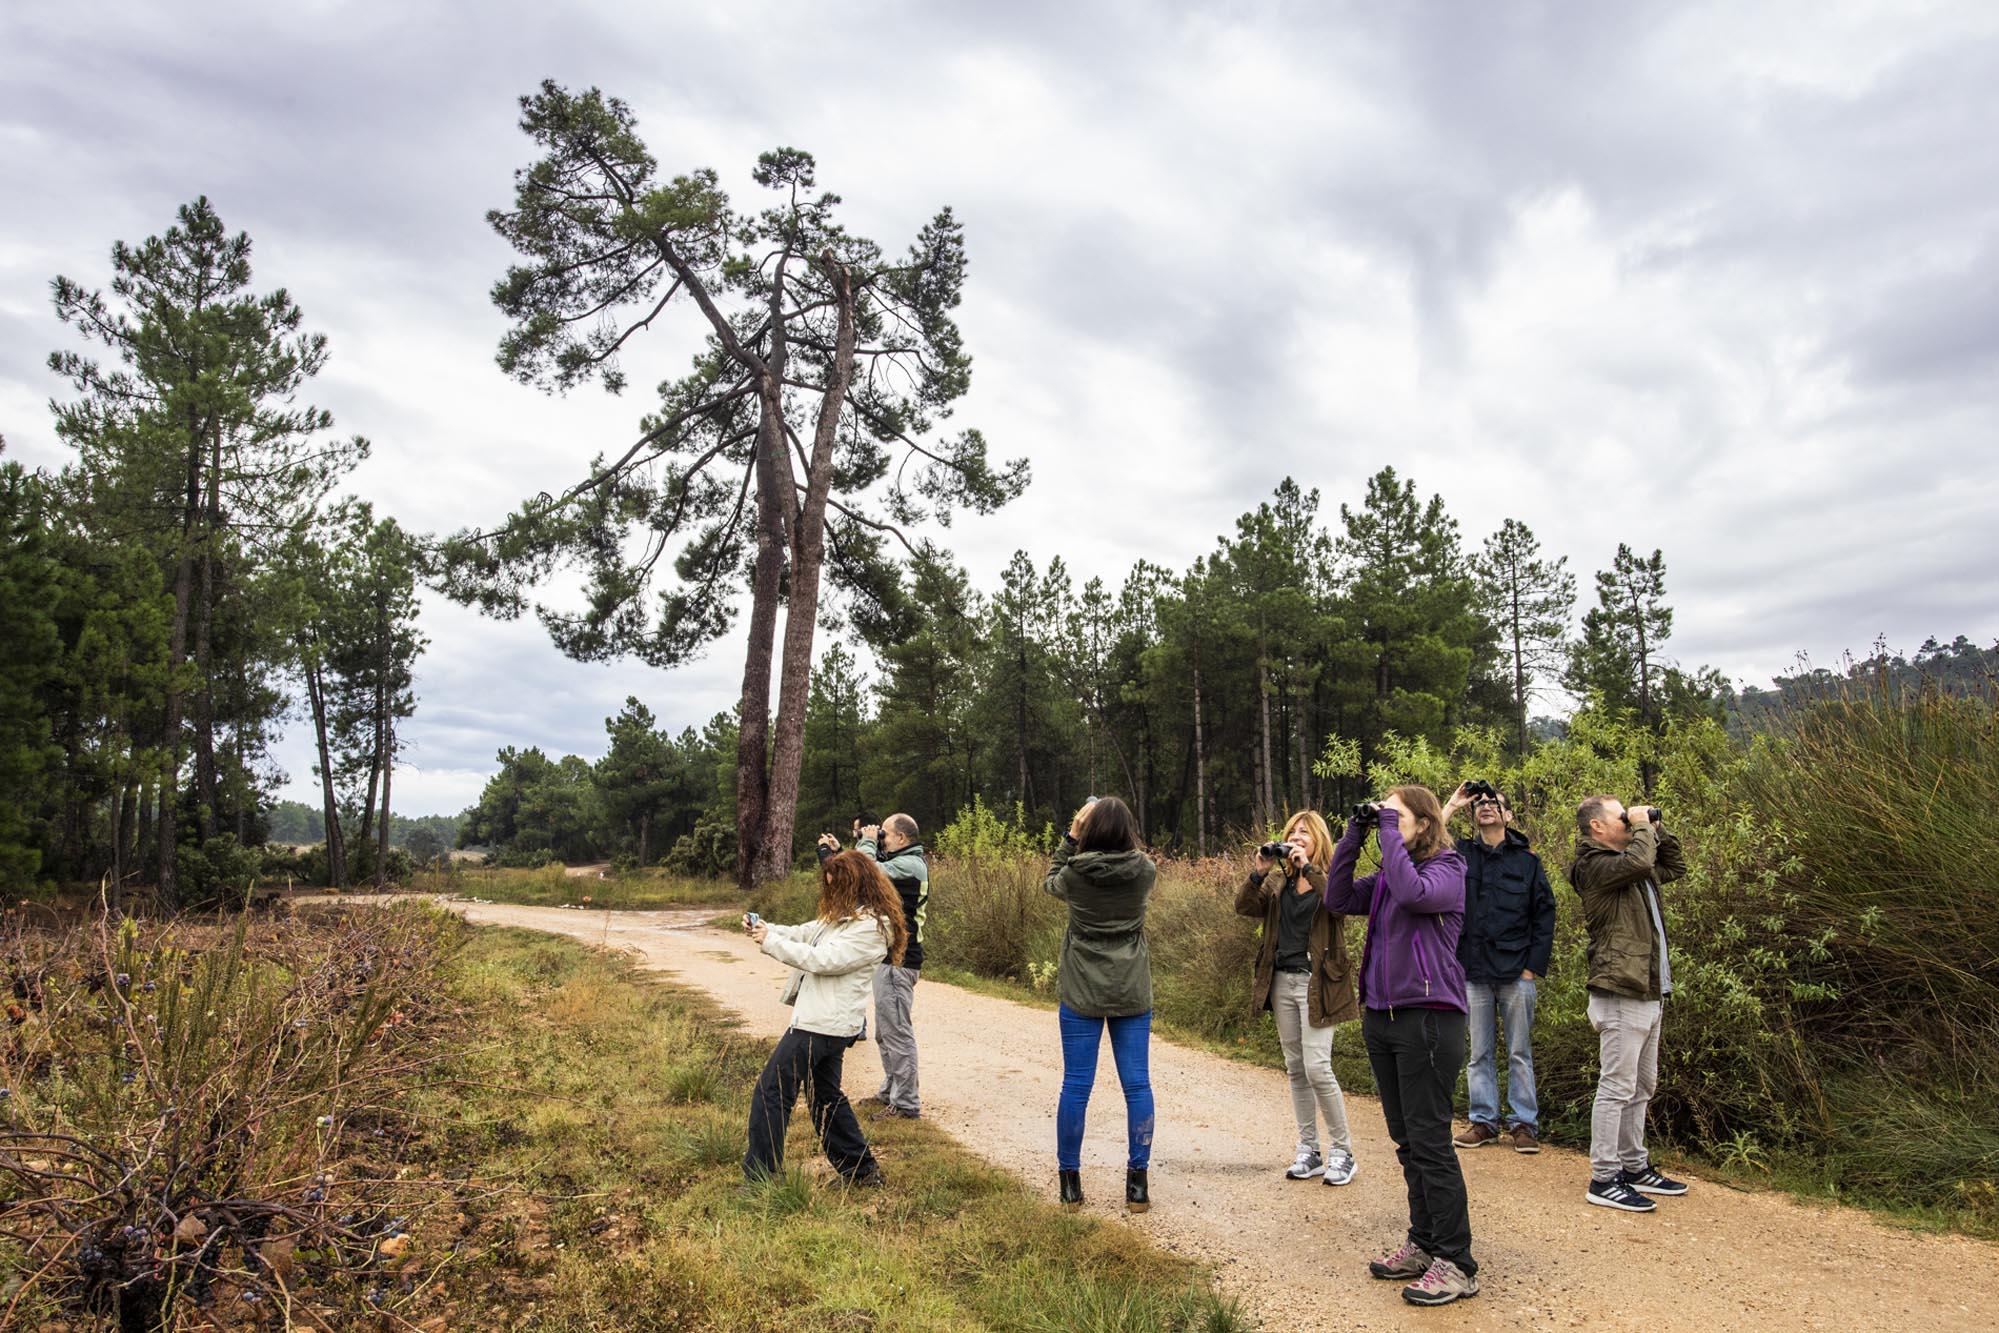 A los pies de un pino centenario considerado árbol monumental de la Comunidad Valenciana, en el paraje de Hoya de Ramadán.